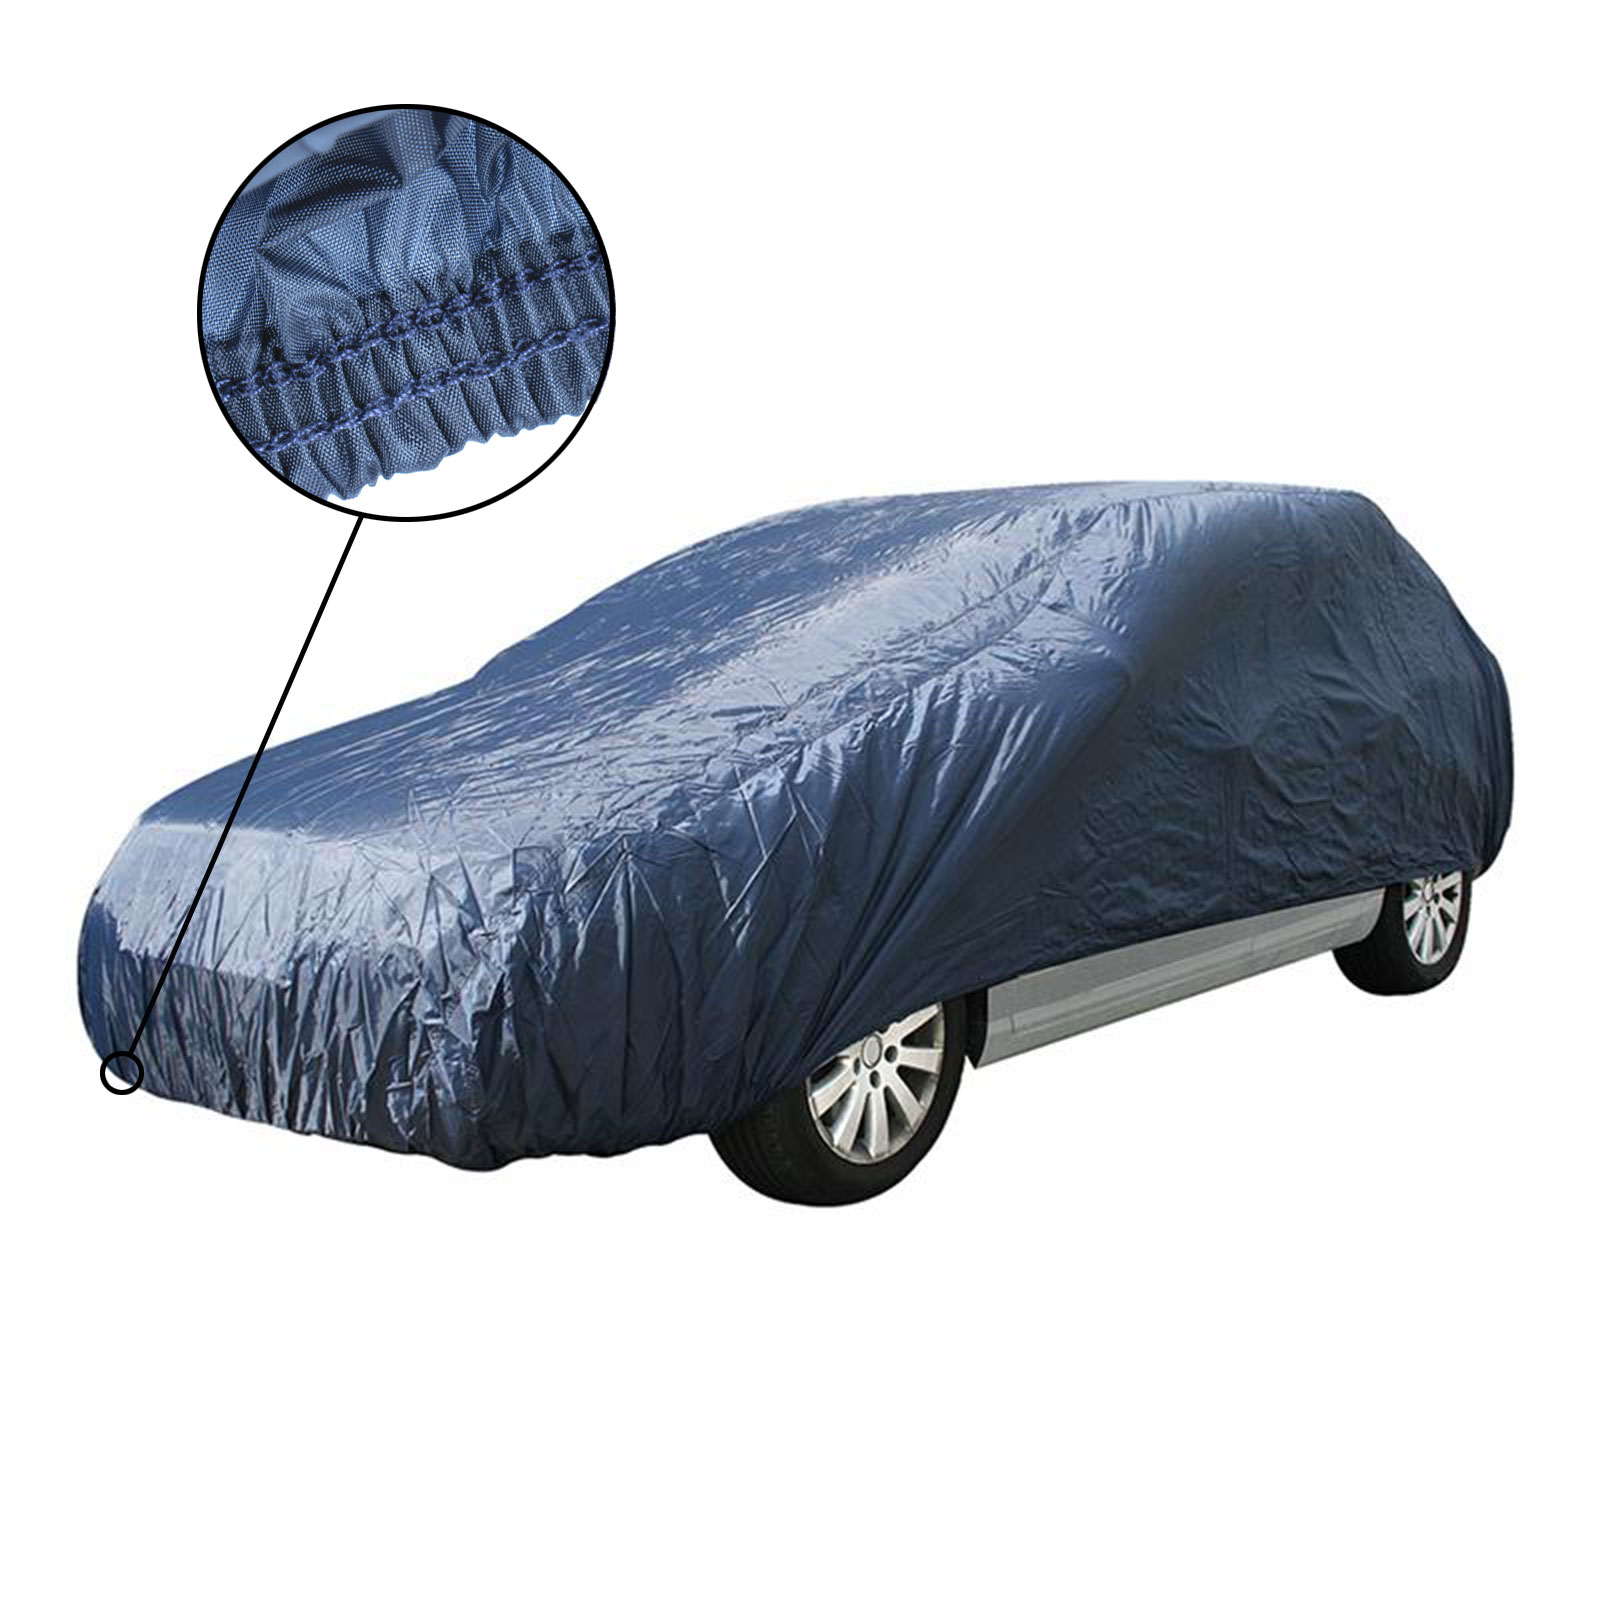 Auto Ganzgarage S für Kleinstwagen, 406x160x119 cm, blau mit Gummizug, Plane